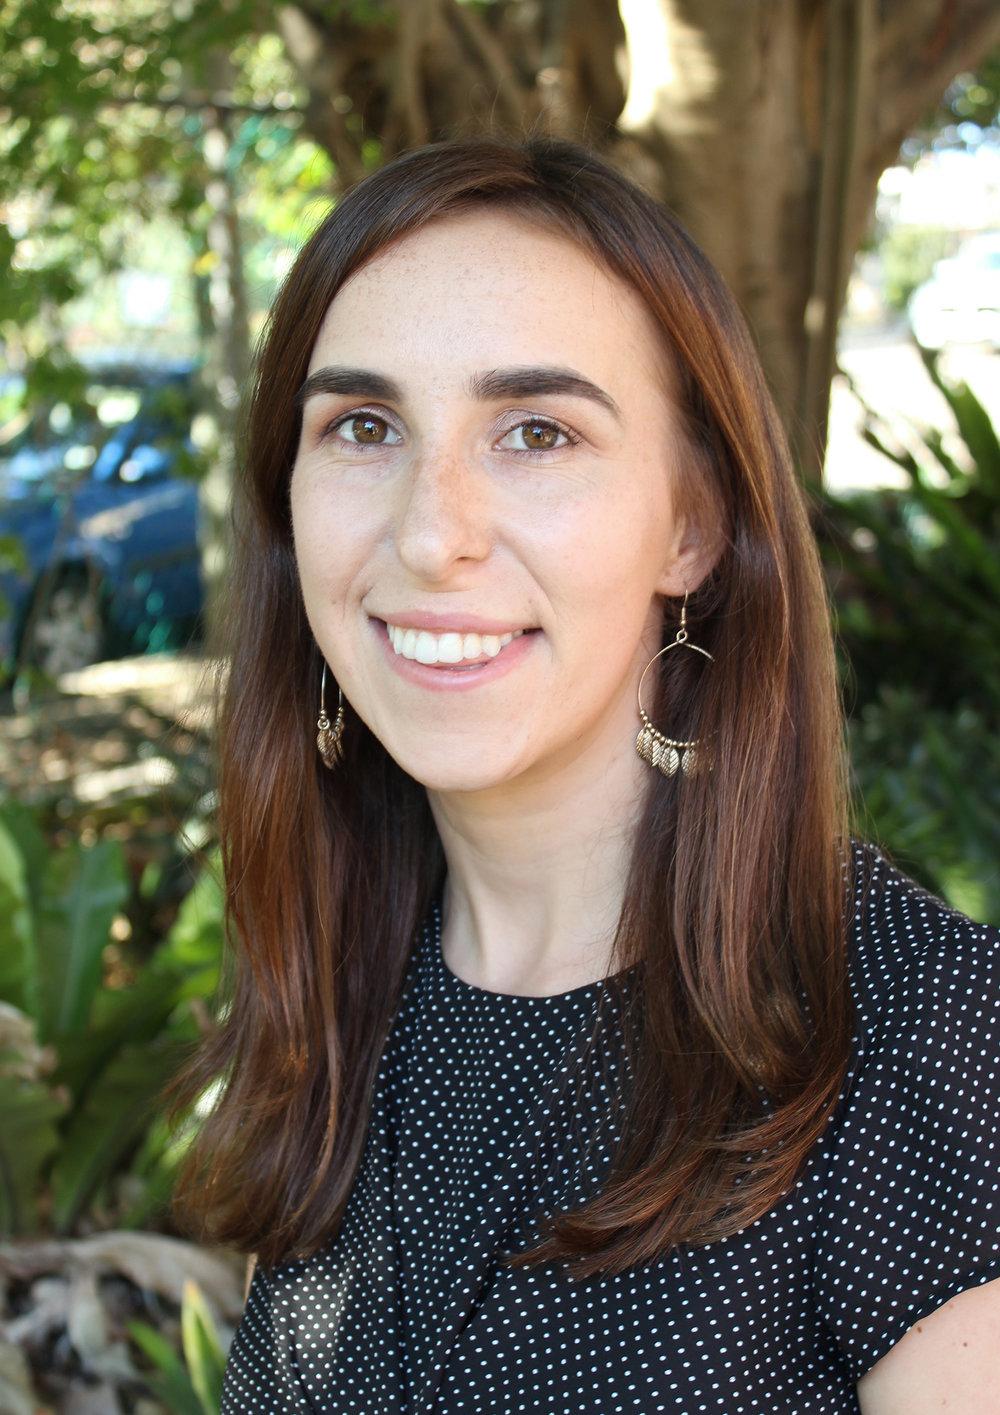 Annmarie Townsend